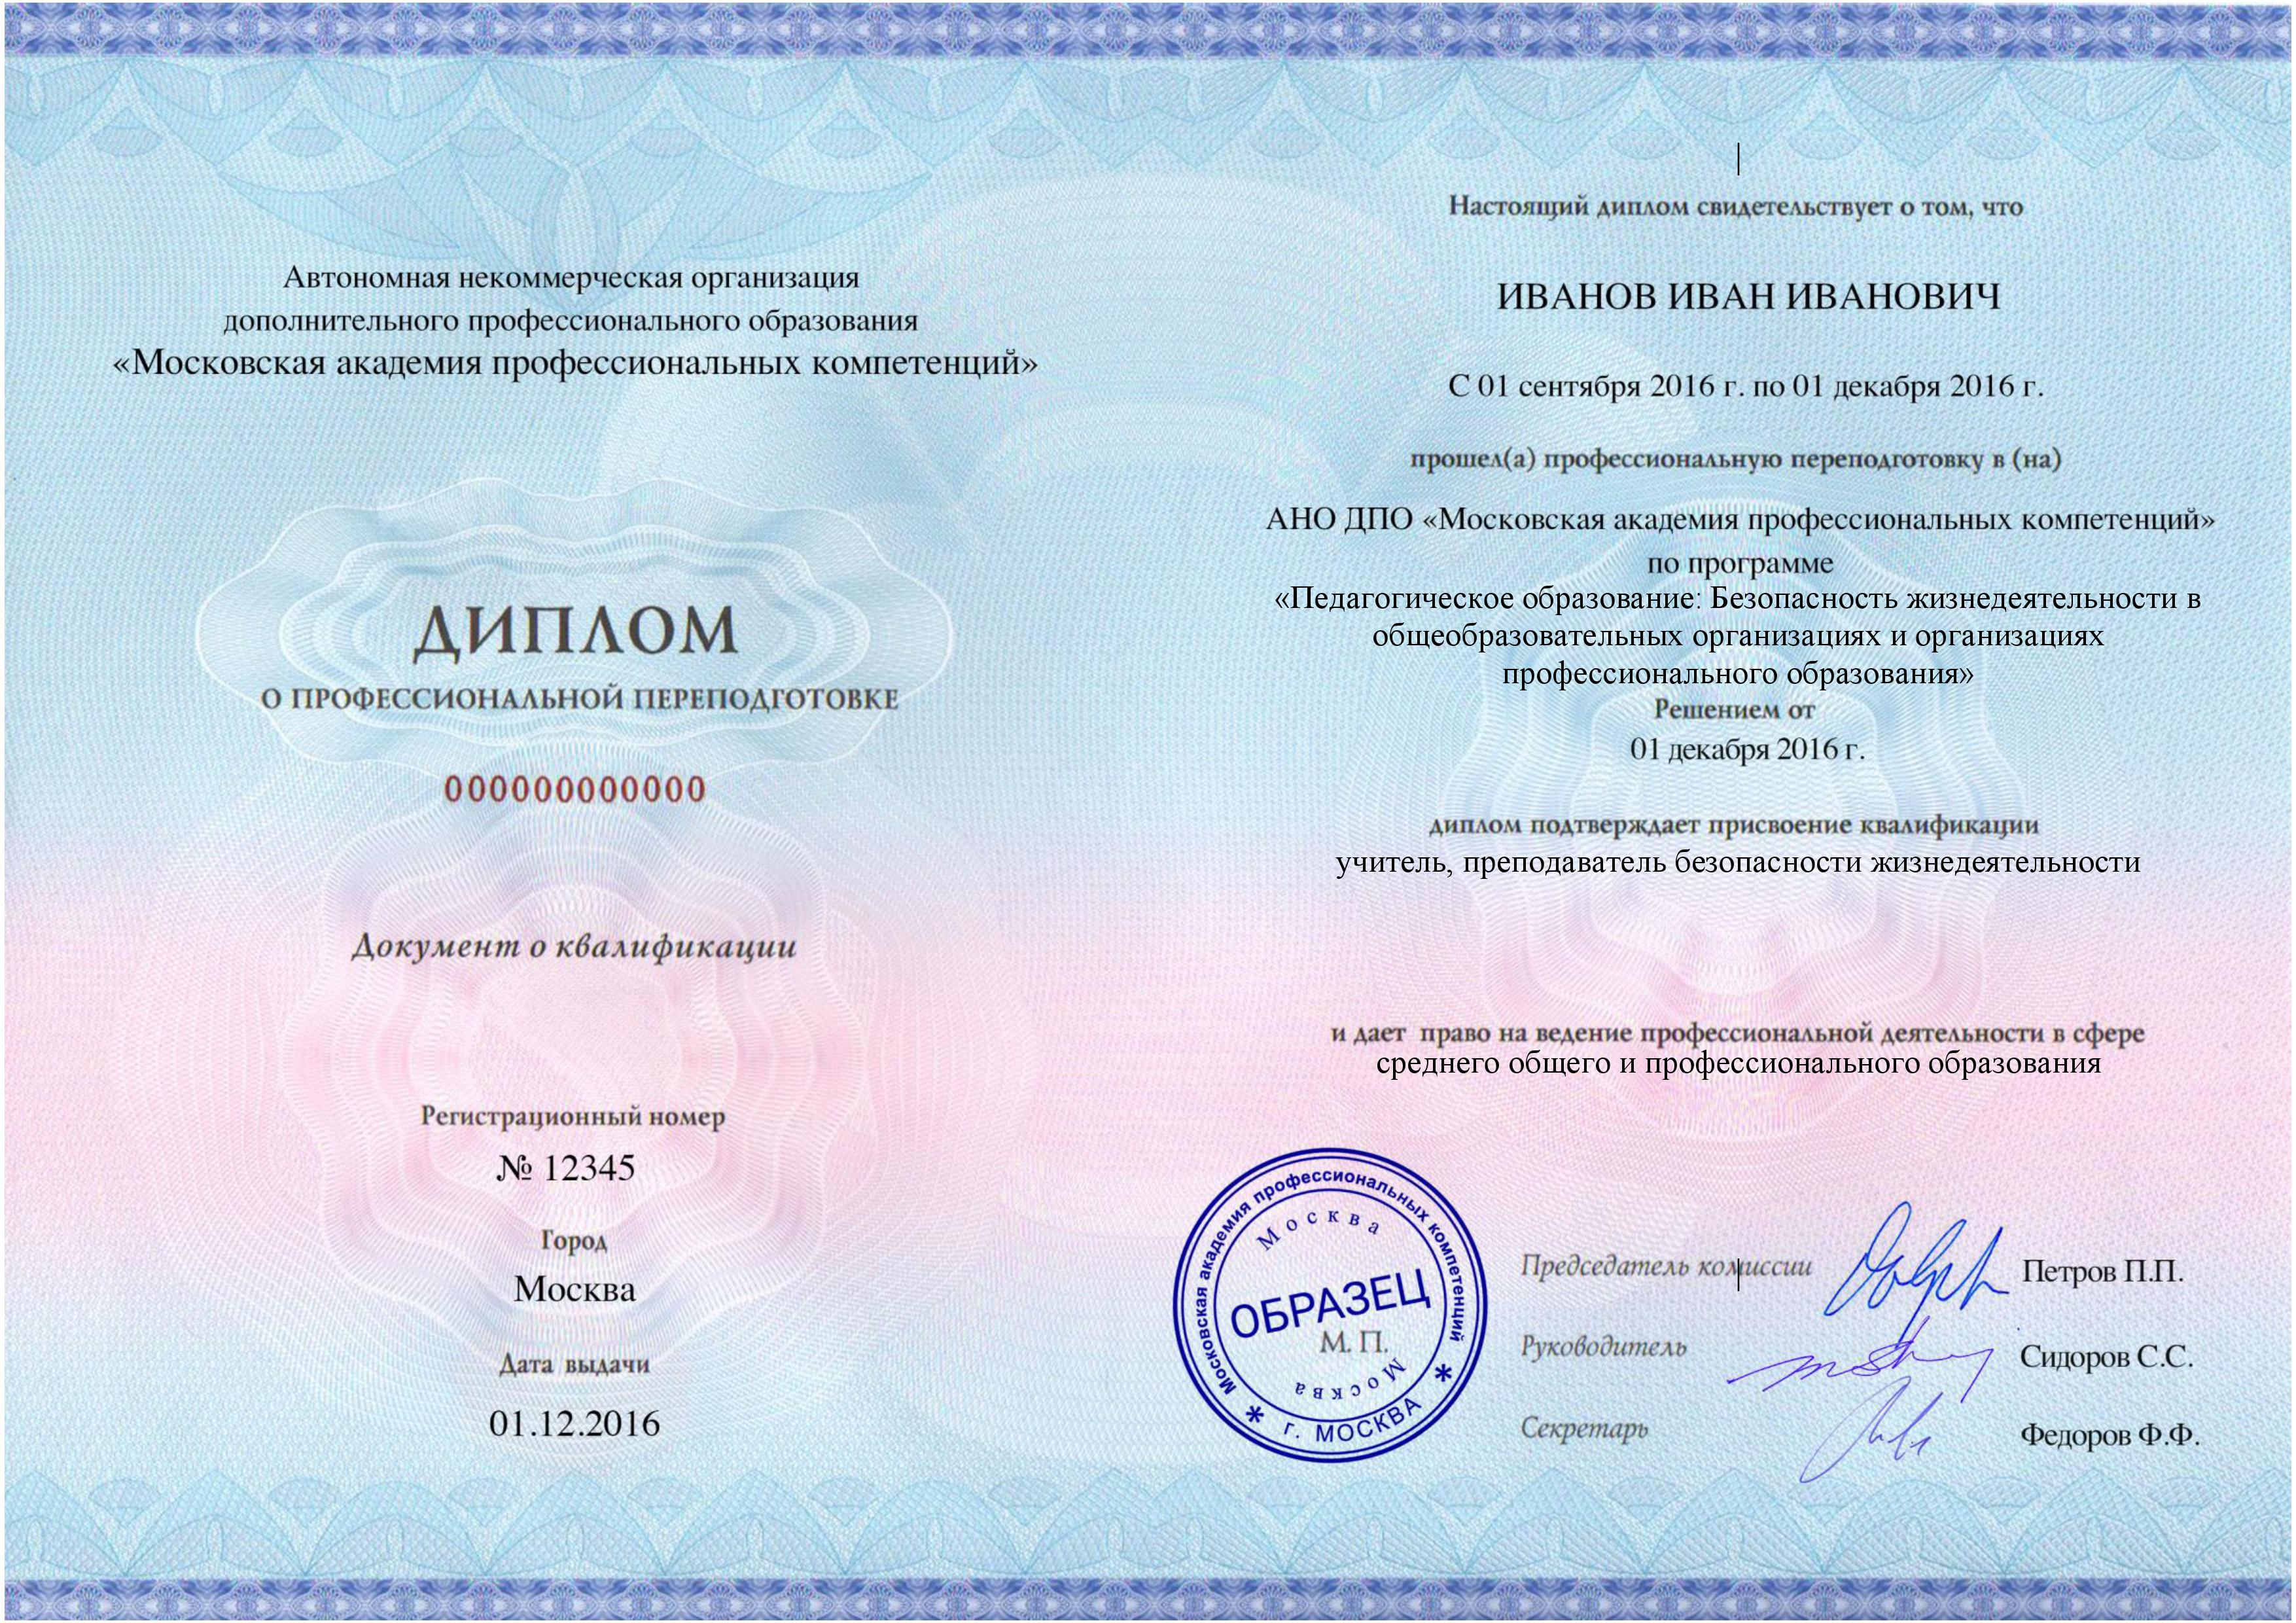 Педагогическое образование Безопасность жизнедеятельности в  Диплом с присвоением квалификации